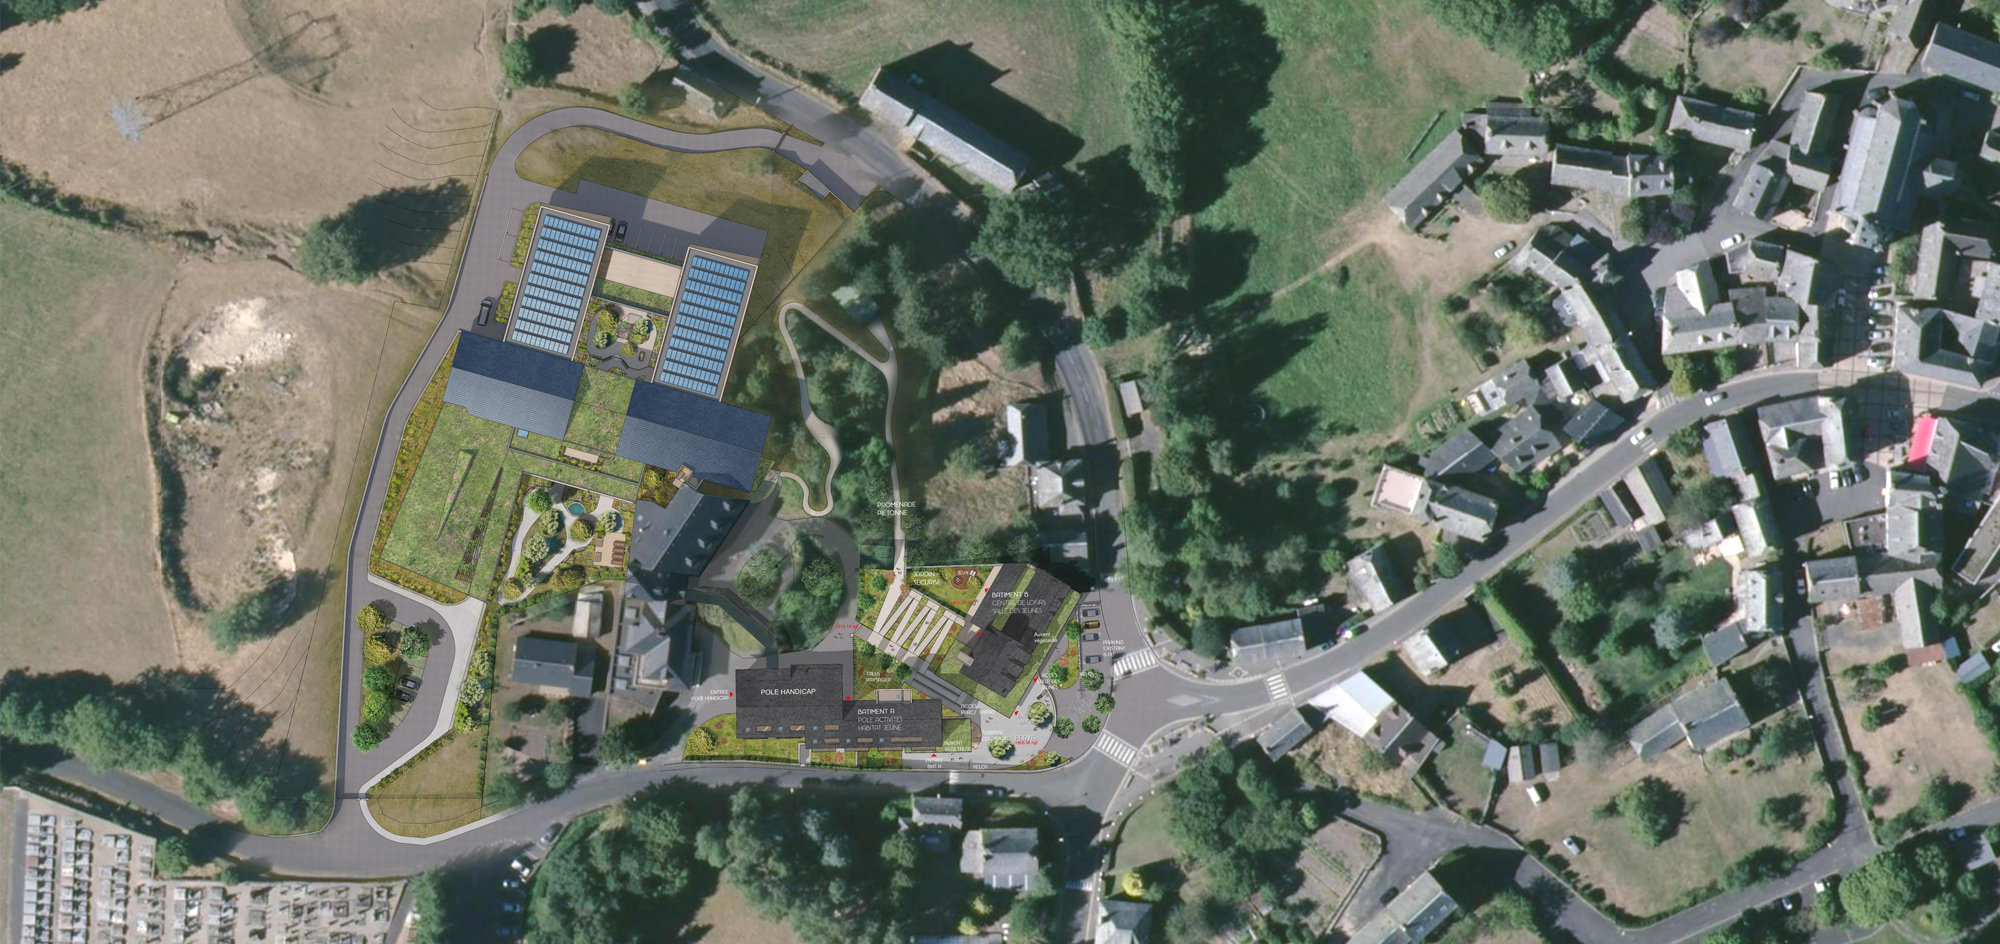 Argences en Aubrac_Plan de masse Pôle intergénérationnel - projet Architecture Environnement